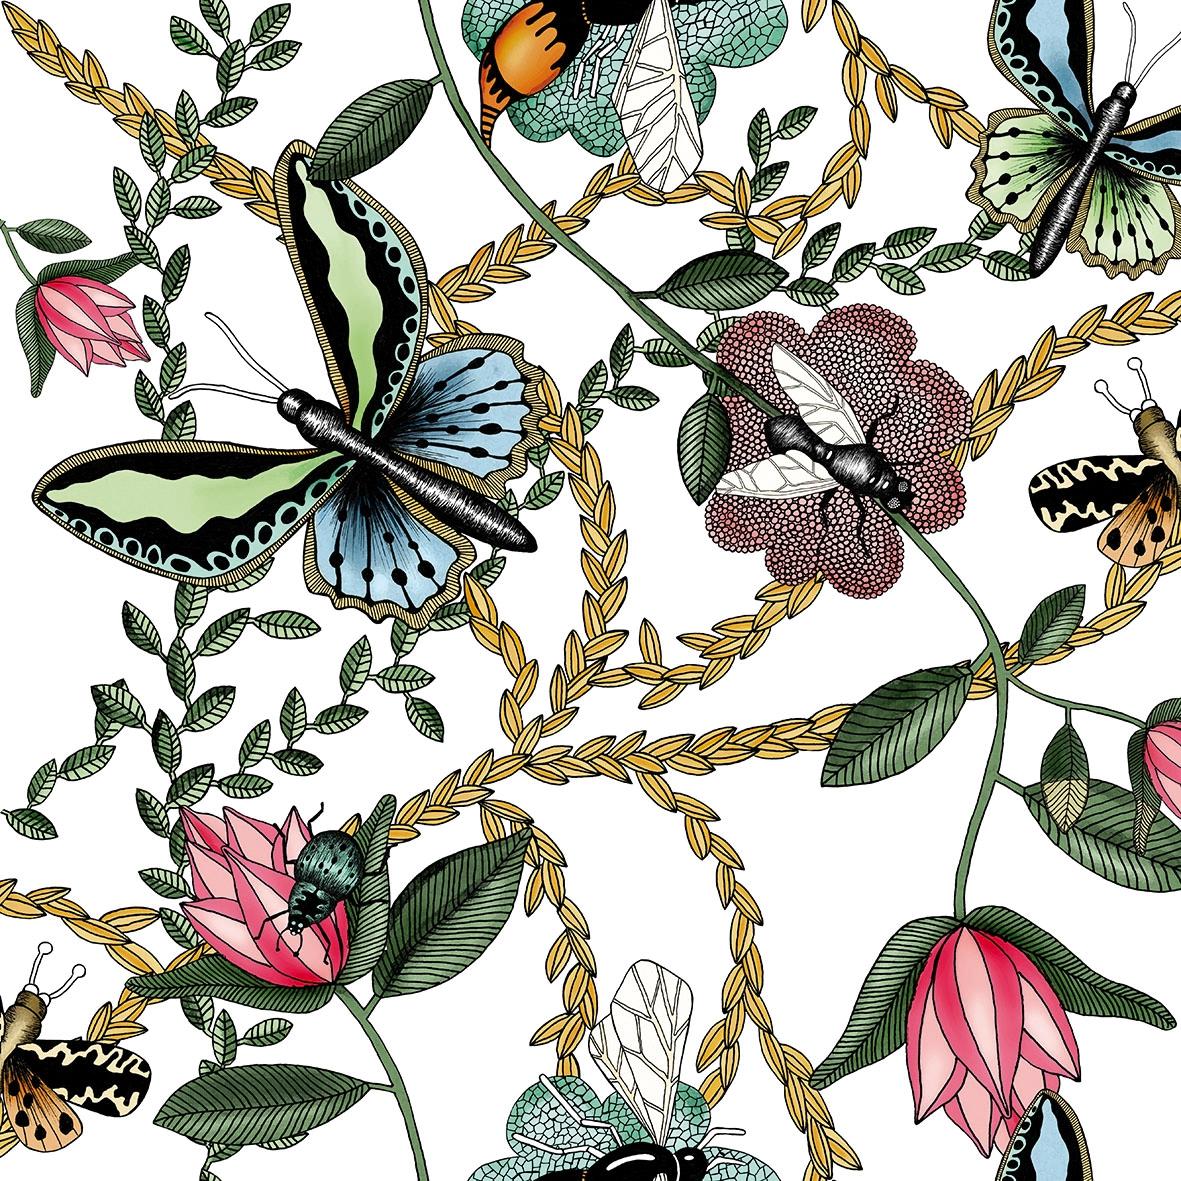 Servilletas 33x33 cm - Bugs & Butterflies